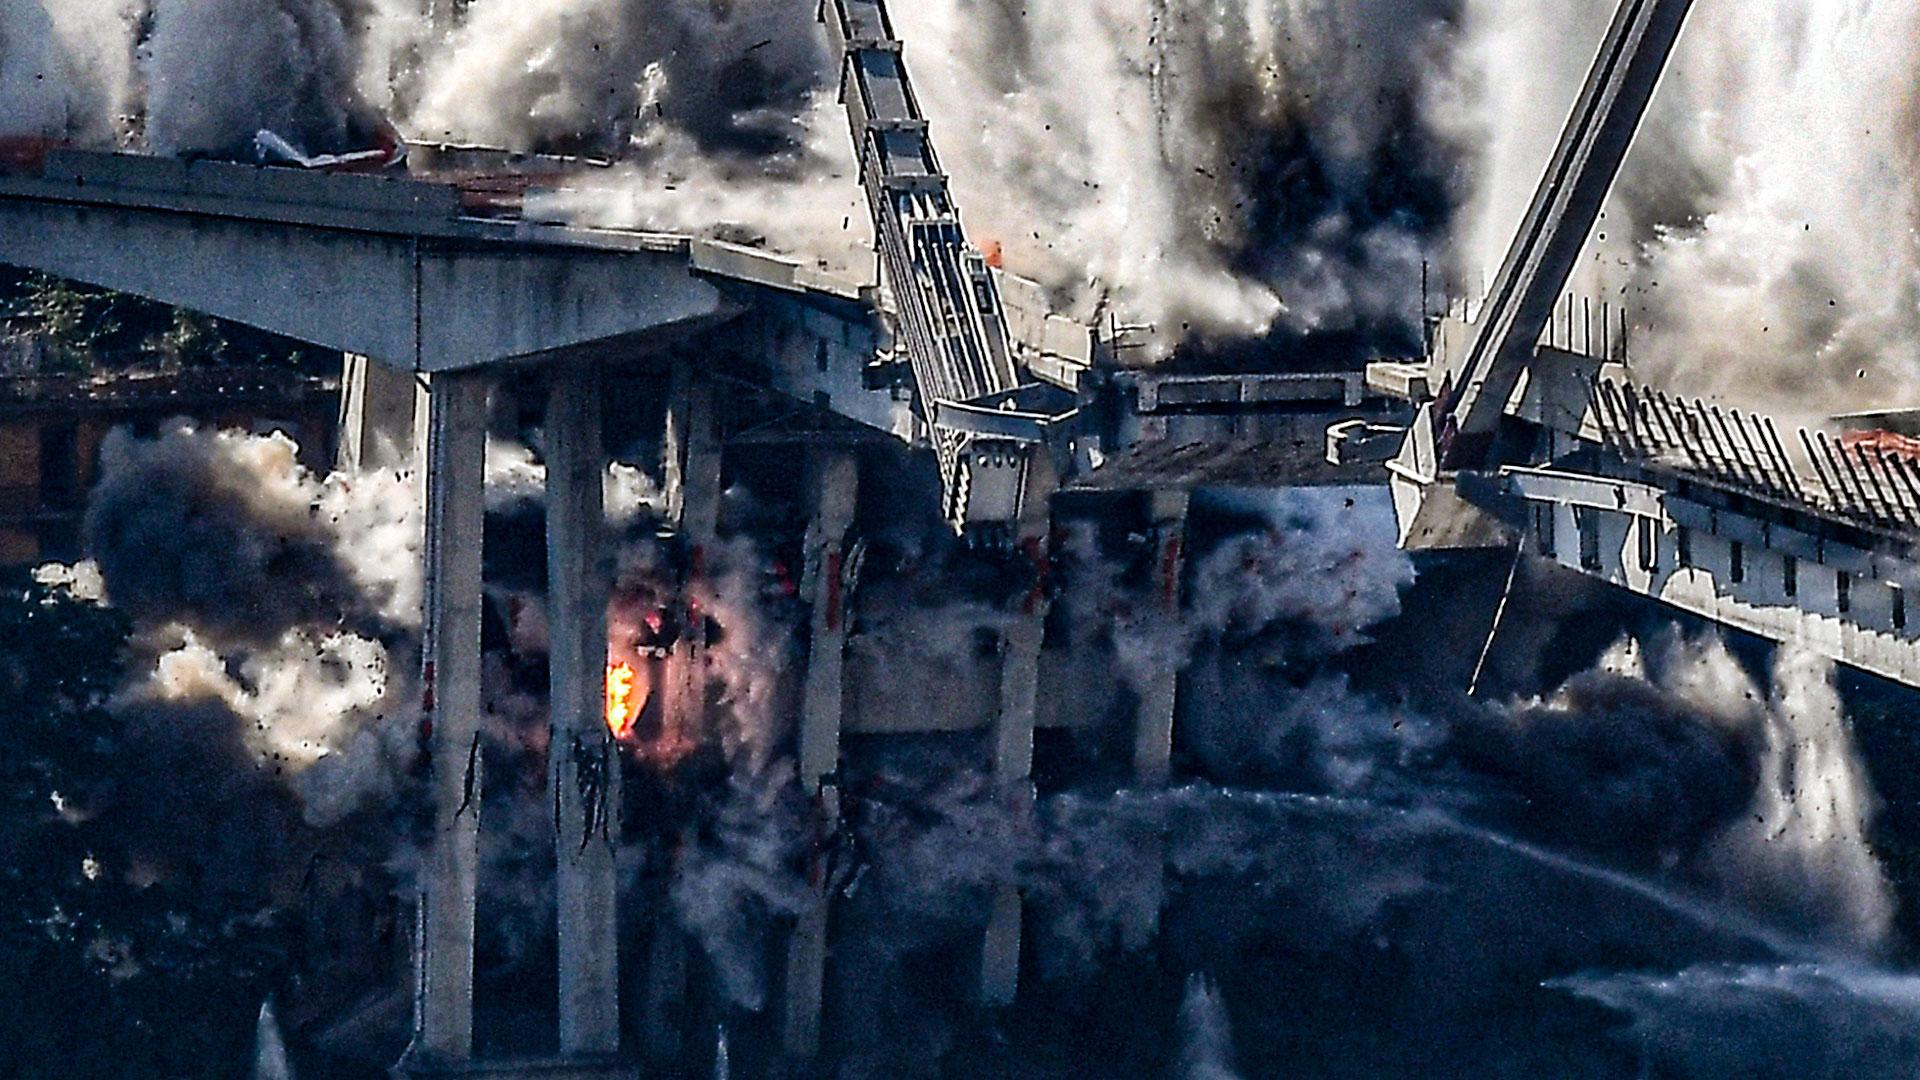 El derrumbe parcial del puente durante una tormenta causó 43 muertos y decenas de heridos.(AFP)